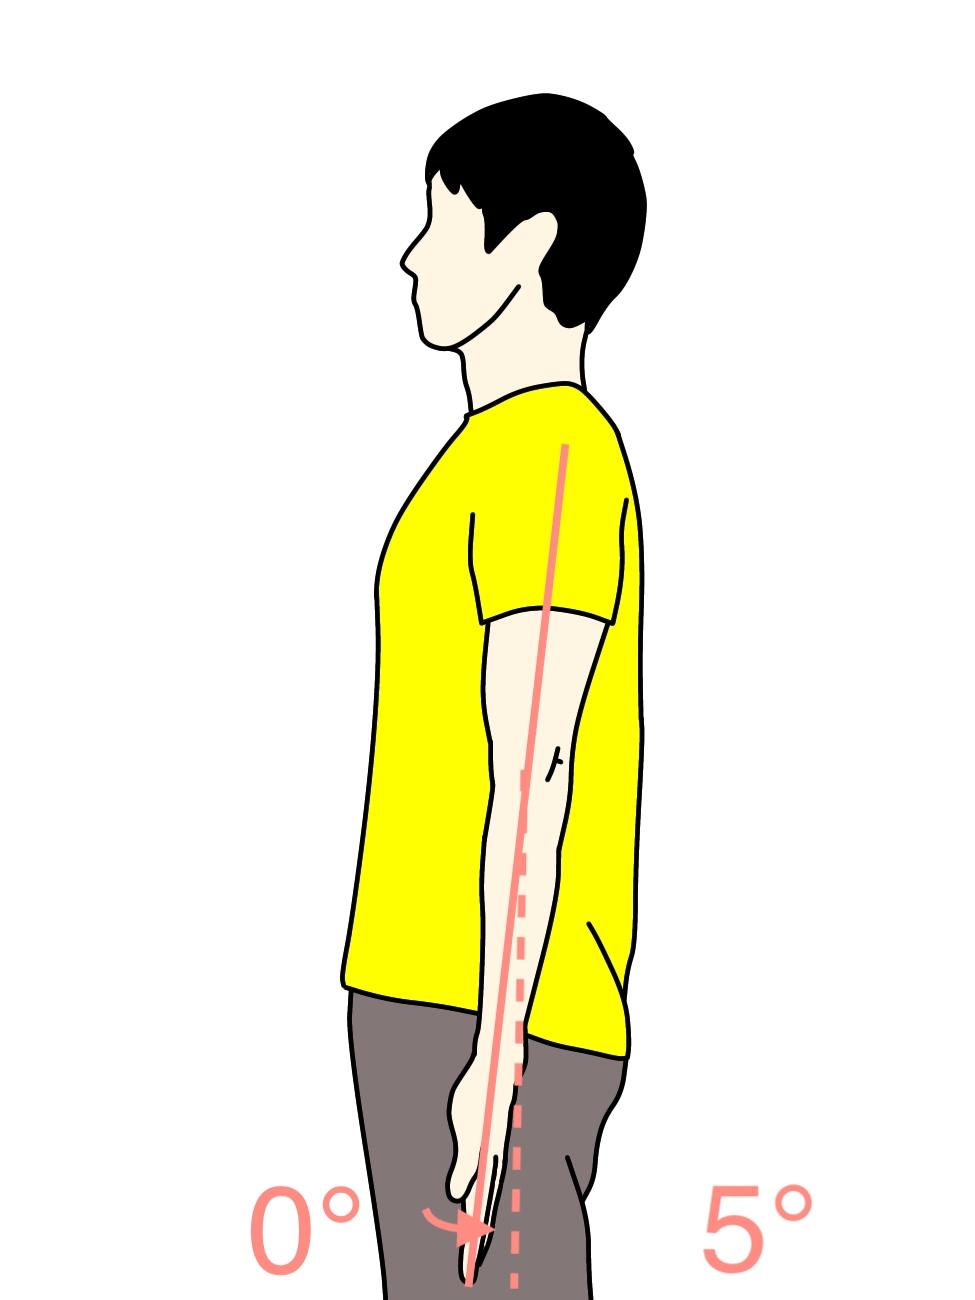 肘を伸ばす動作(肘関節の伸展)の関節可動域(ROM)と働く筋肉のまとめ